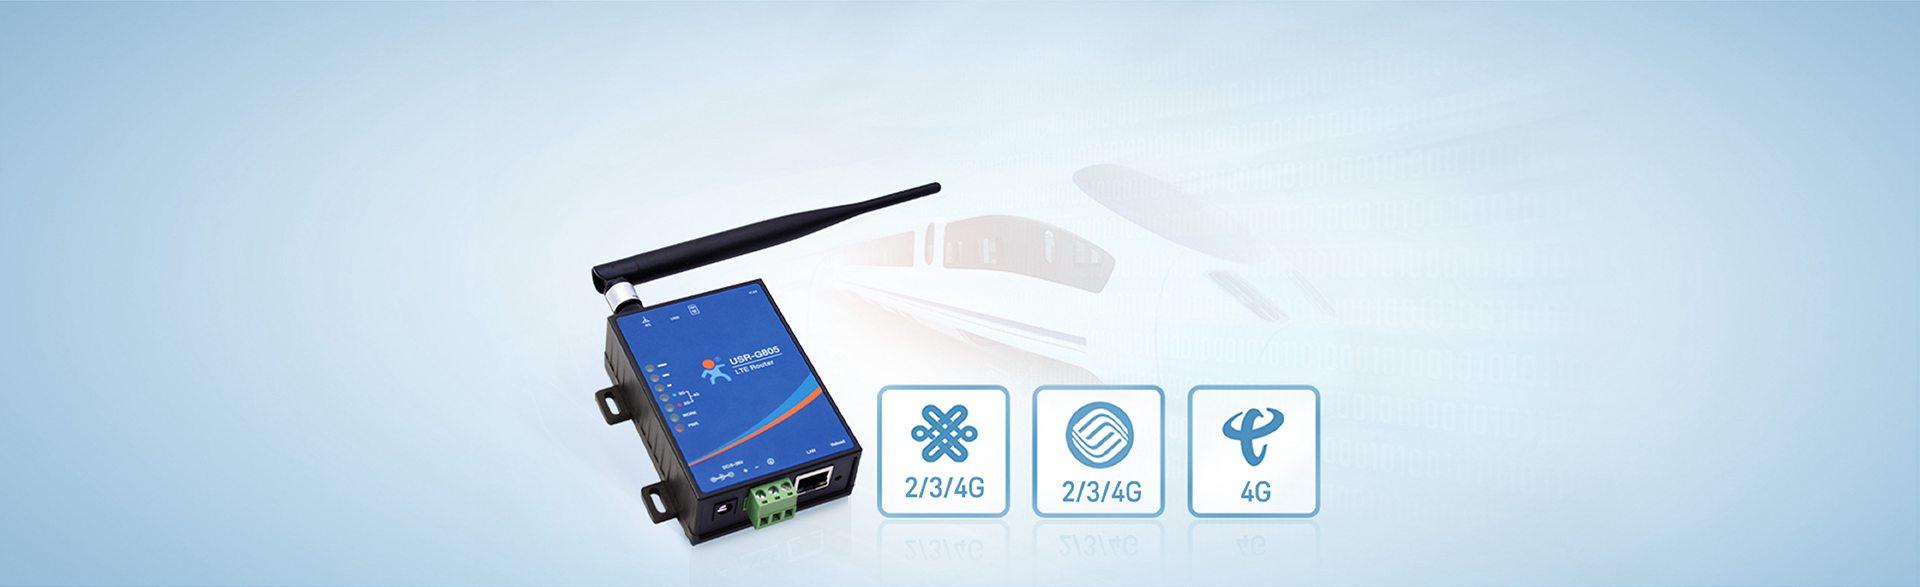 Truy cập tốc độ cao vào các bộ định tuyến công nghiệp LTE chi phí thấp